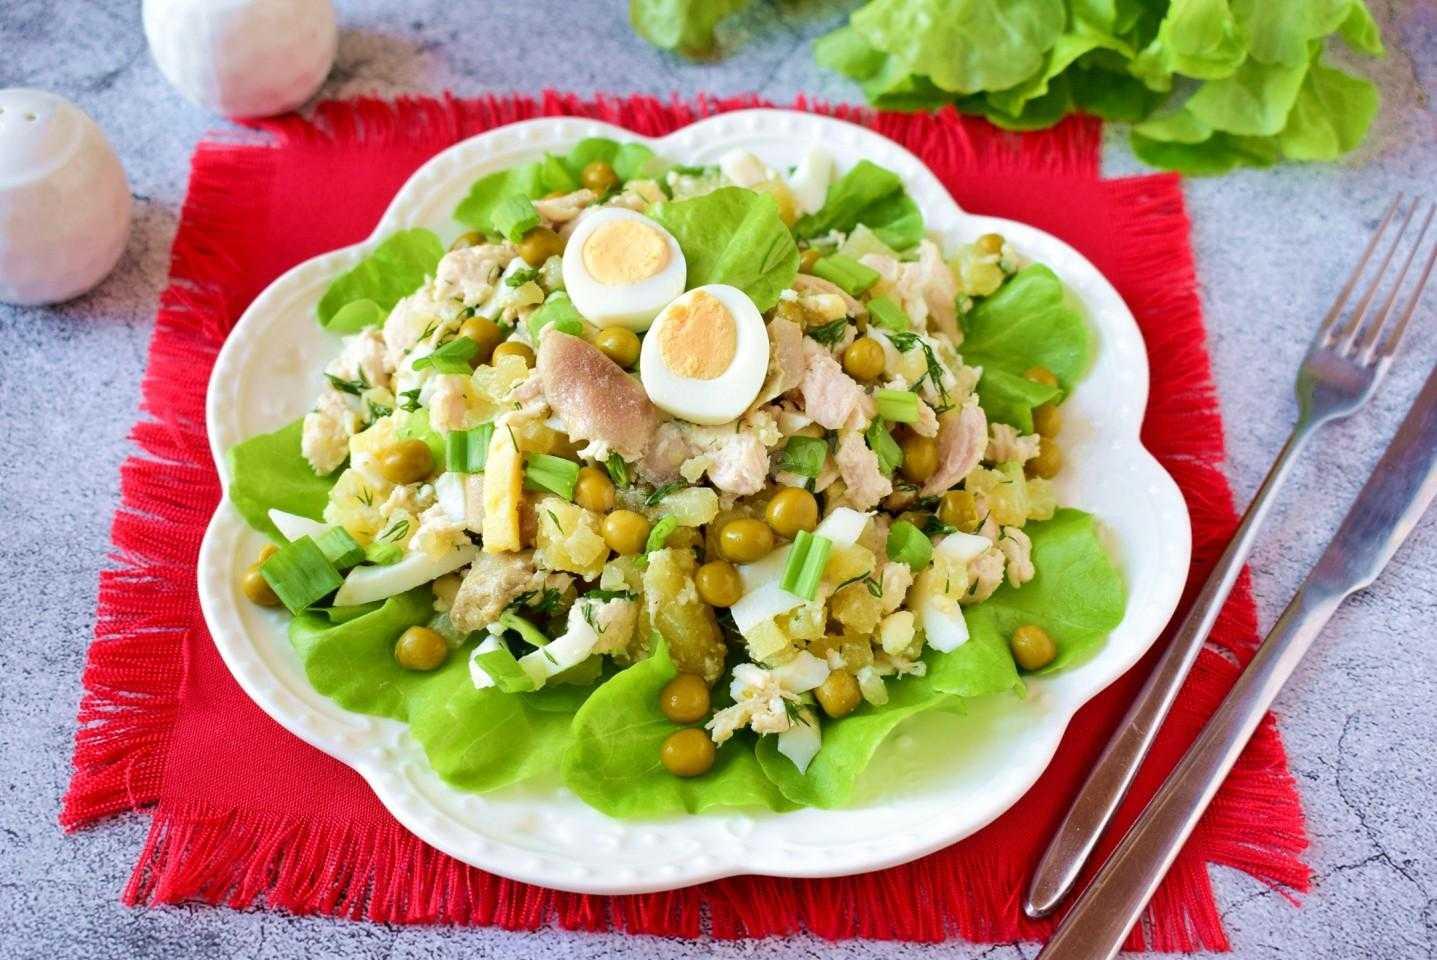 Слоеный салат с курицей. 13 пошаговых рецептов потрясающе вкусных салатов к празднику